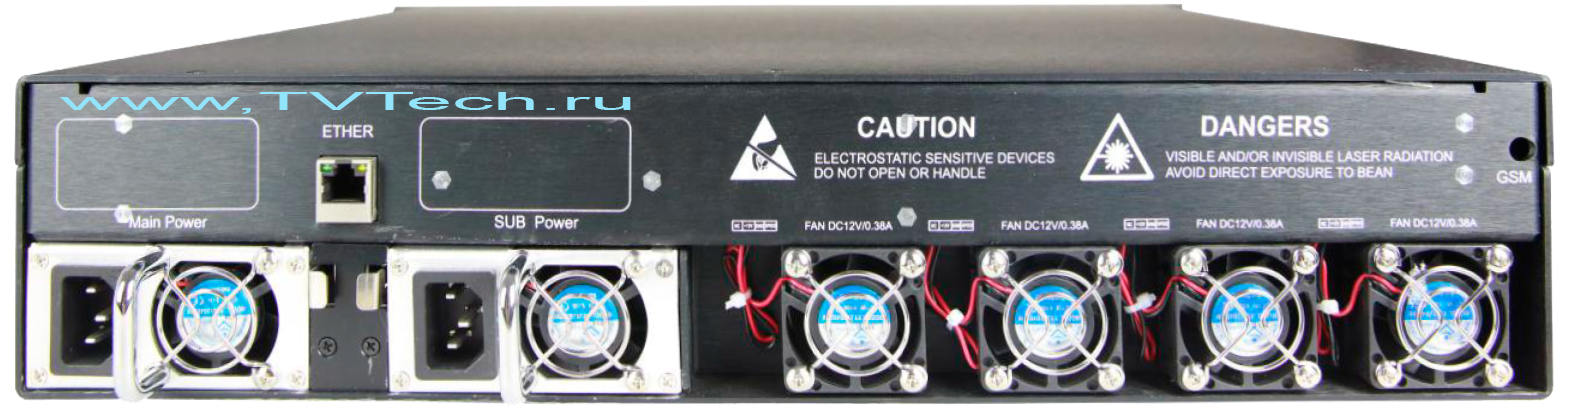 Вид сзади EDFA 64x17 дБм оптический усилитель OA1550